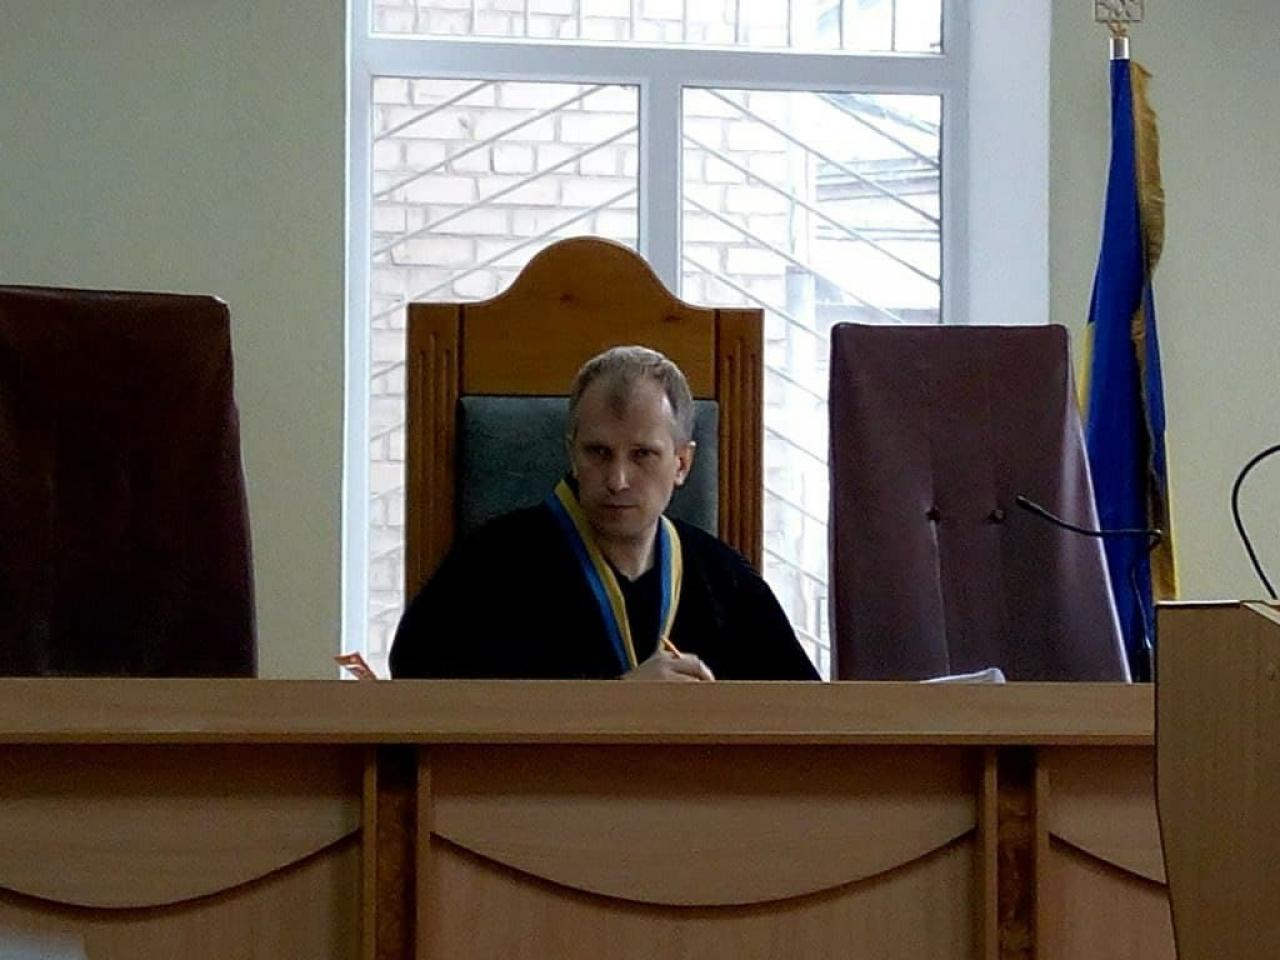 Запорожский суд объявил обвинительный акт в отношении судьи по делу о вымогательстве 15 тысяч долларов